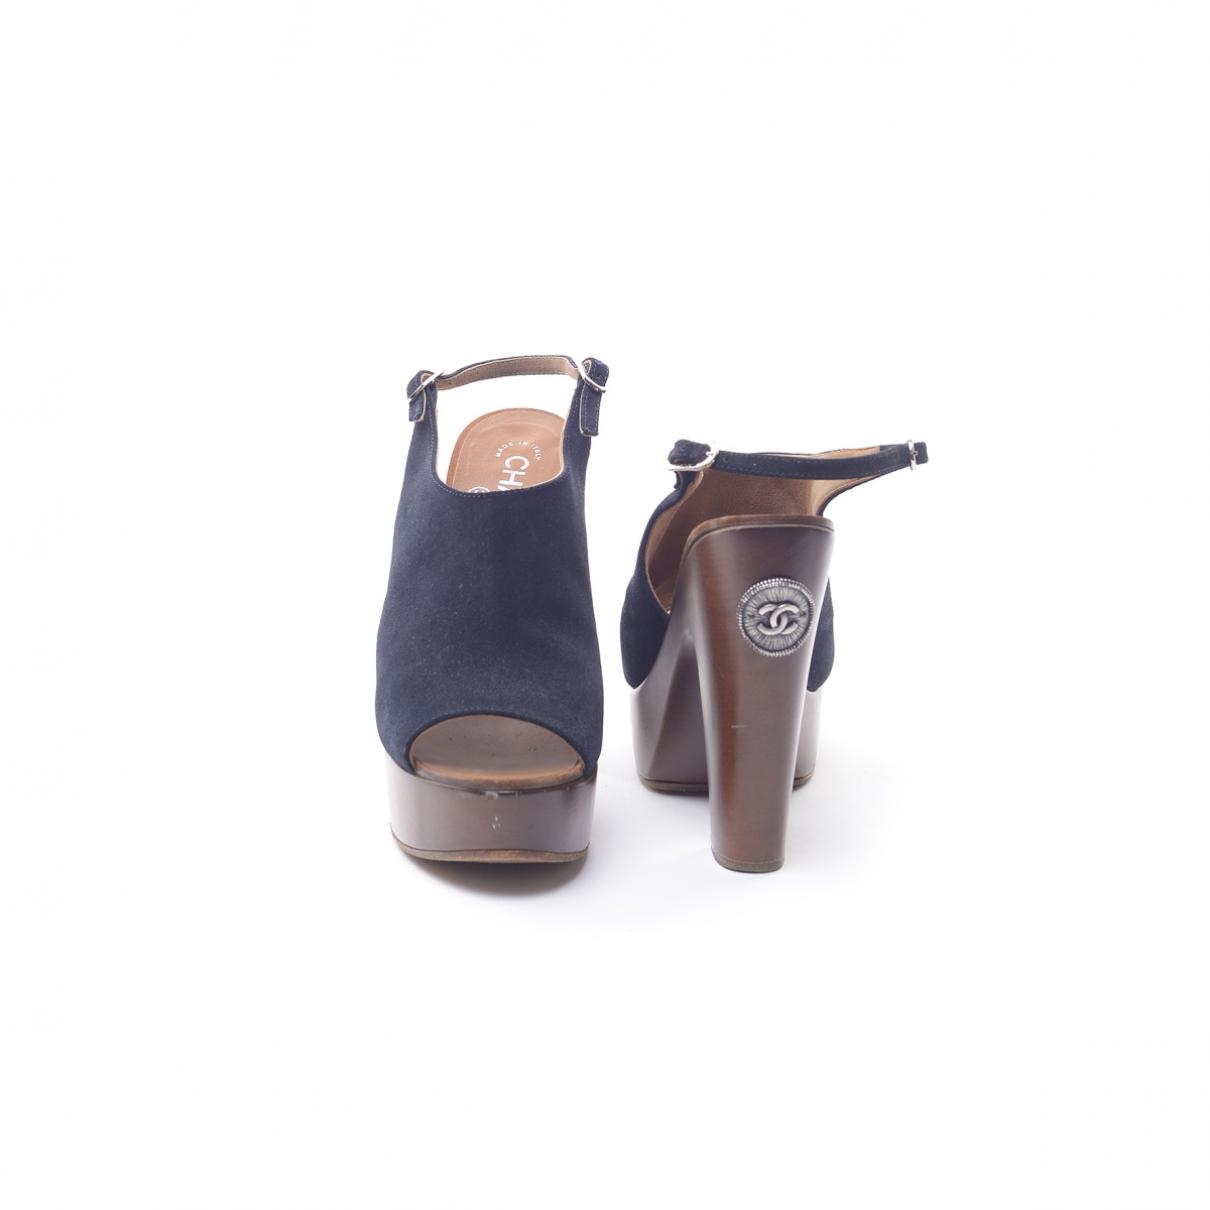 Chanel - Sandales   pour femme en toile - marine